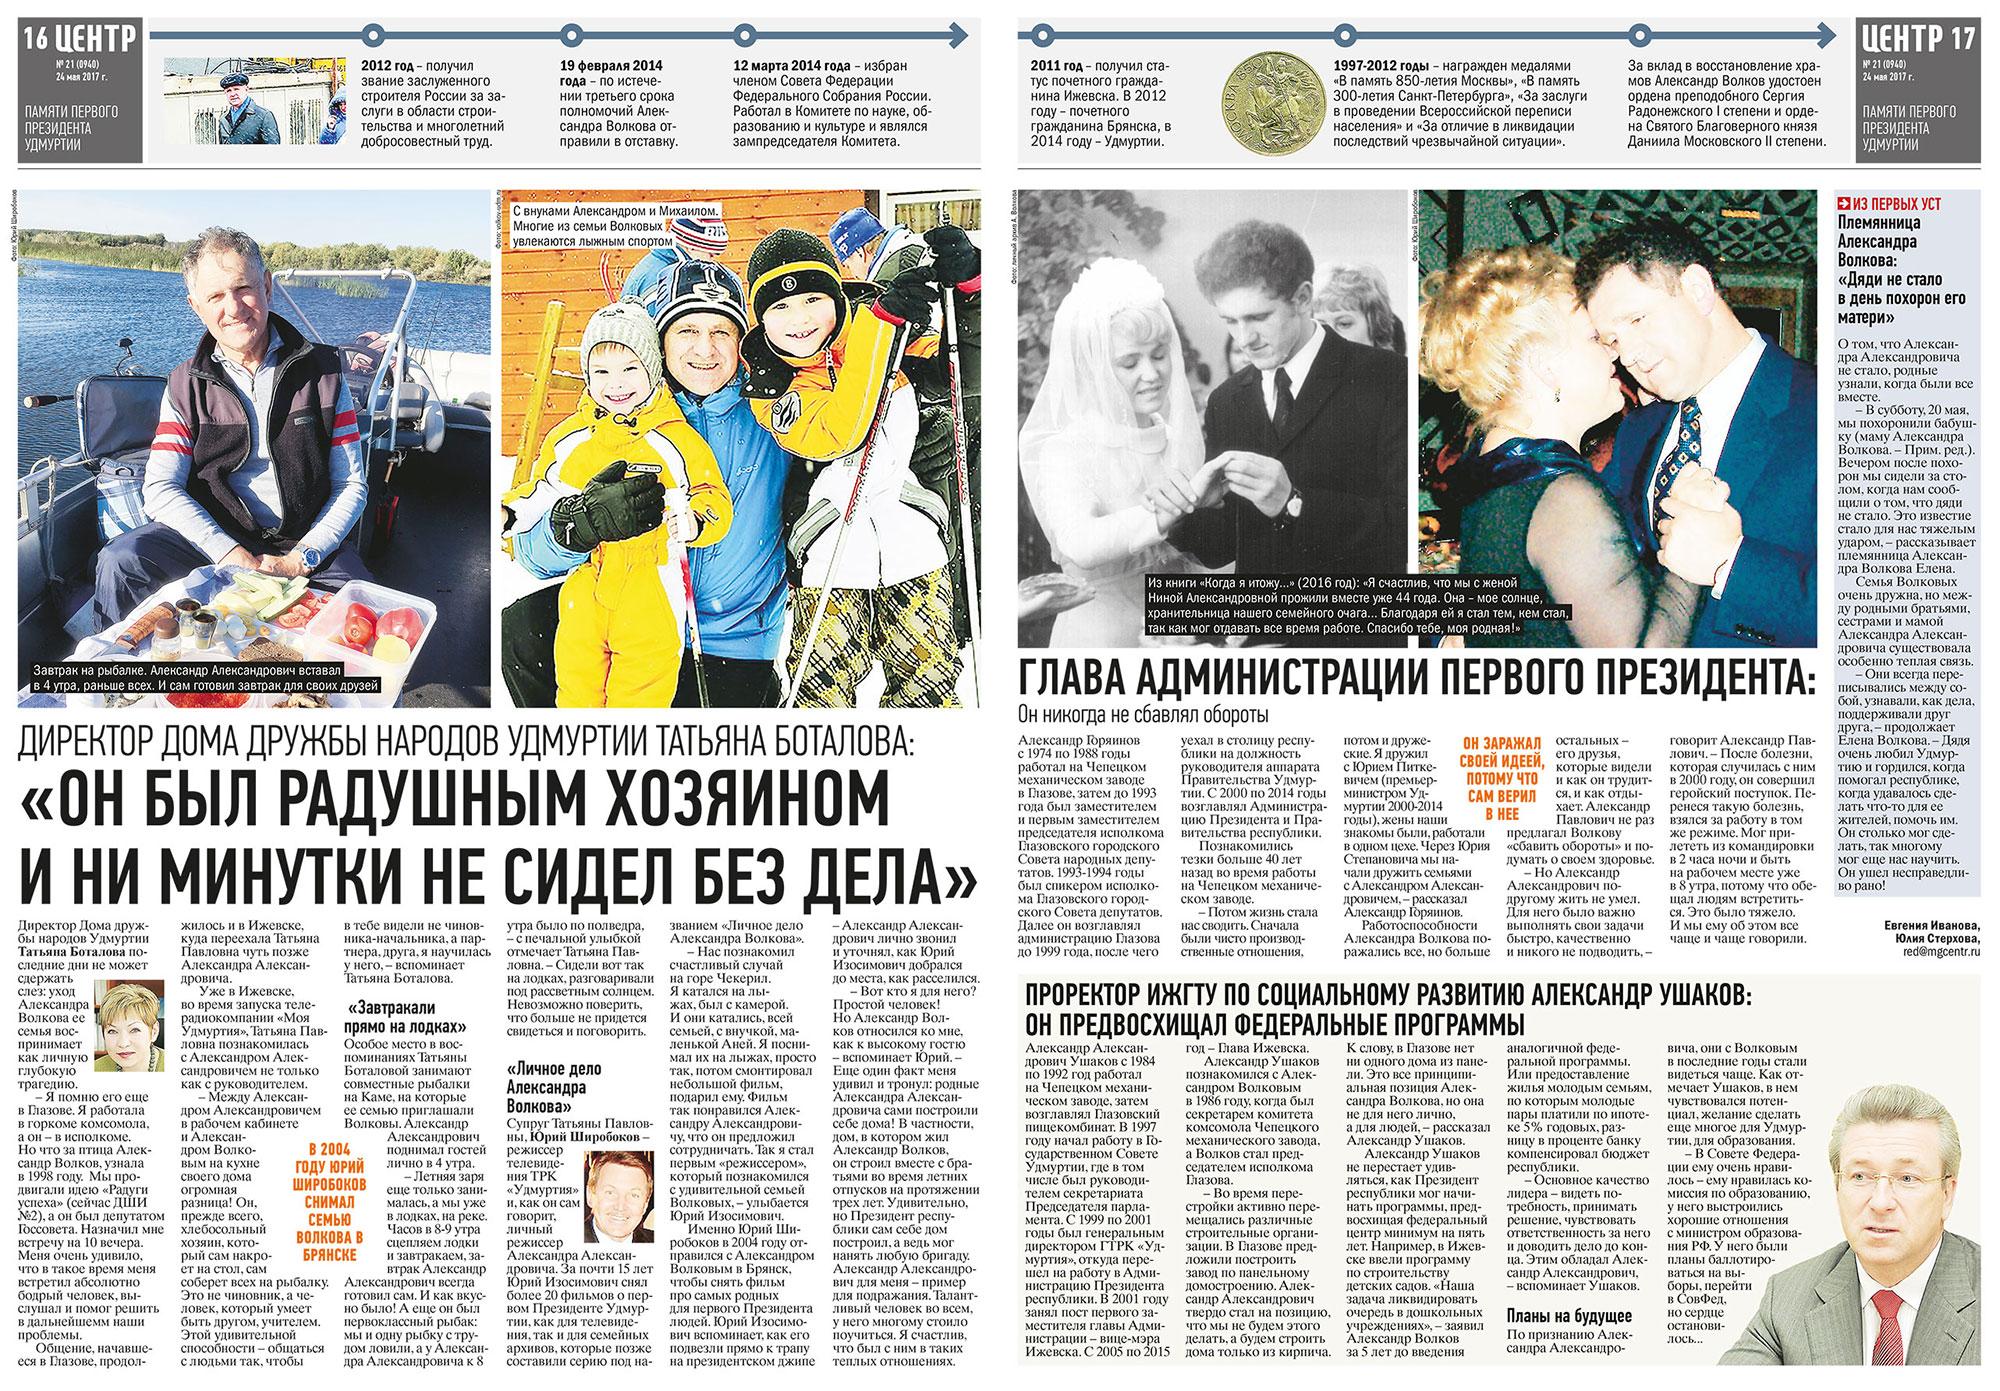 Памяти Александра Волкова